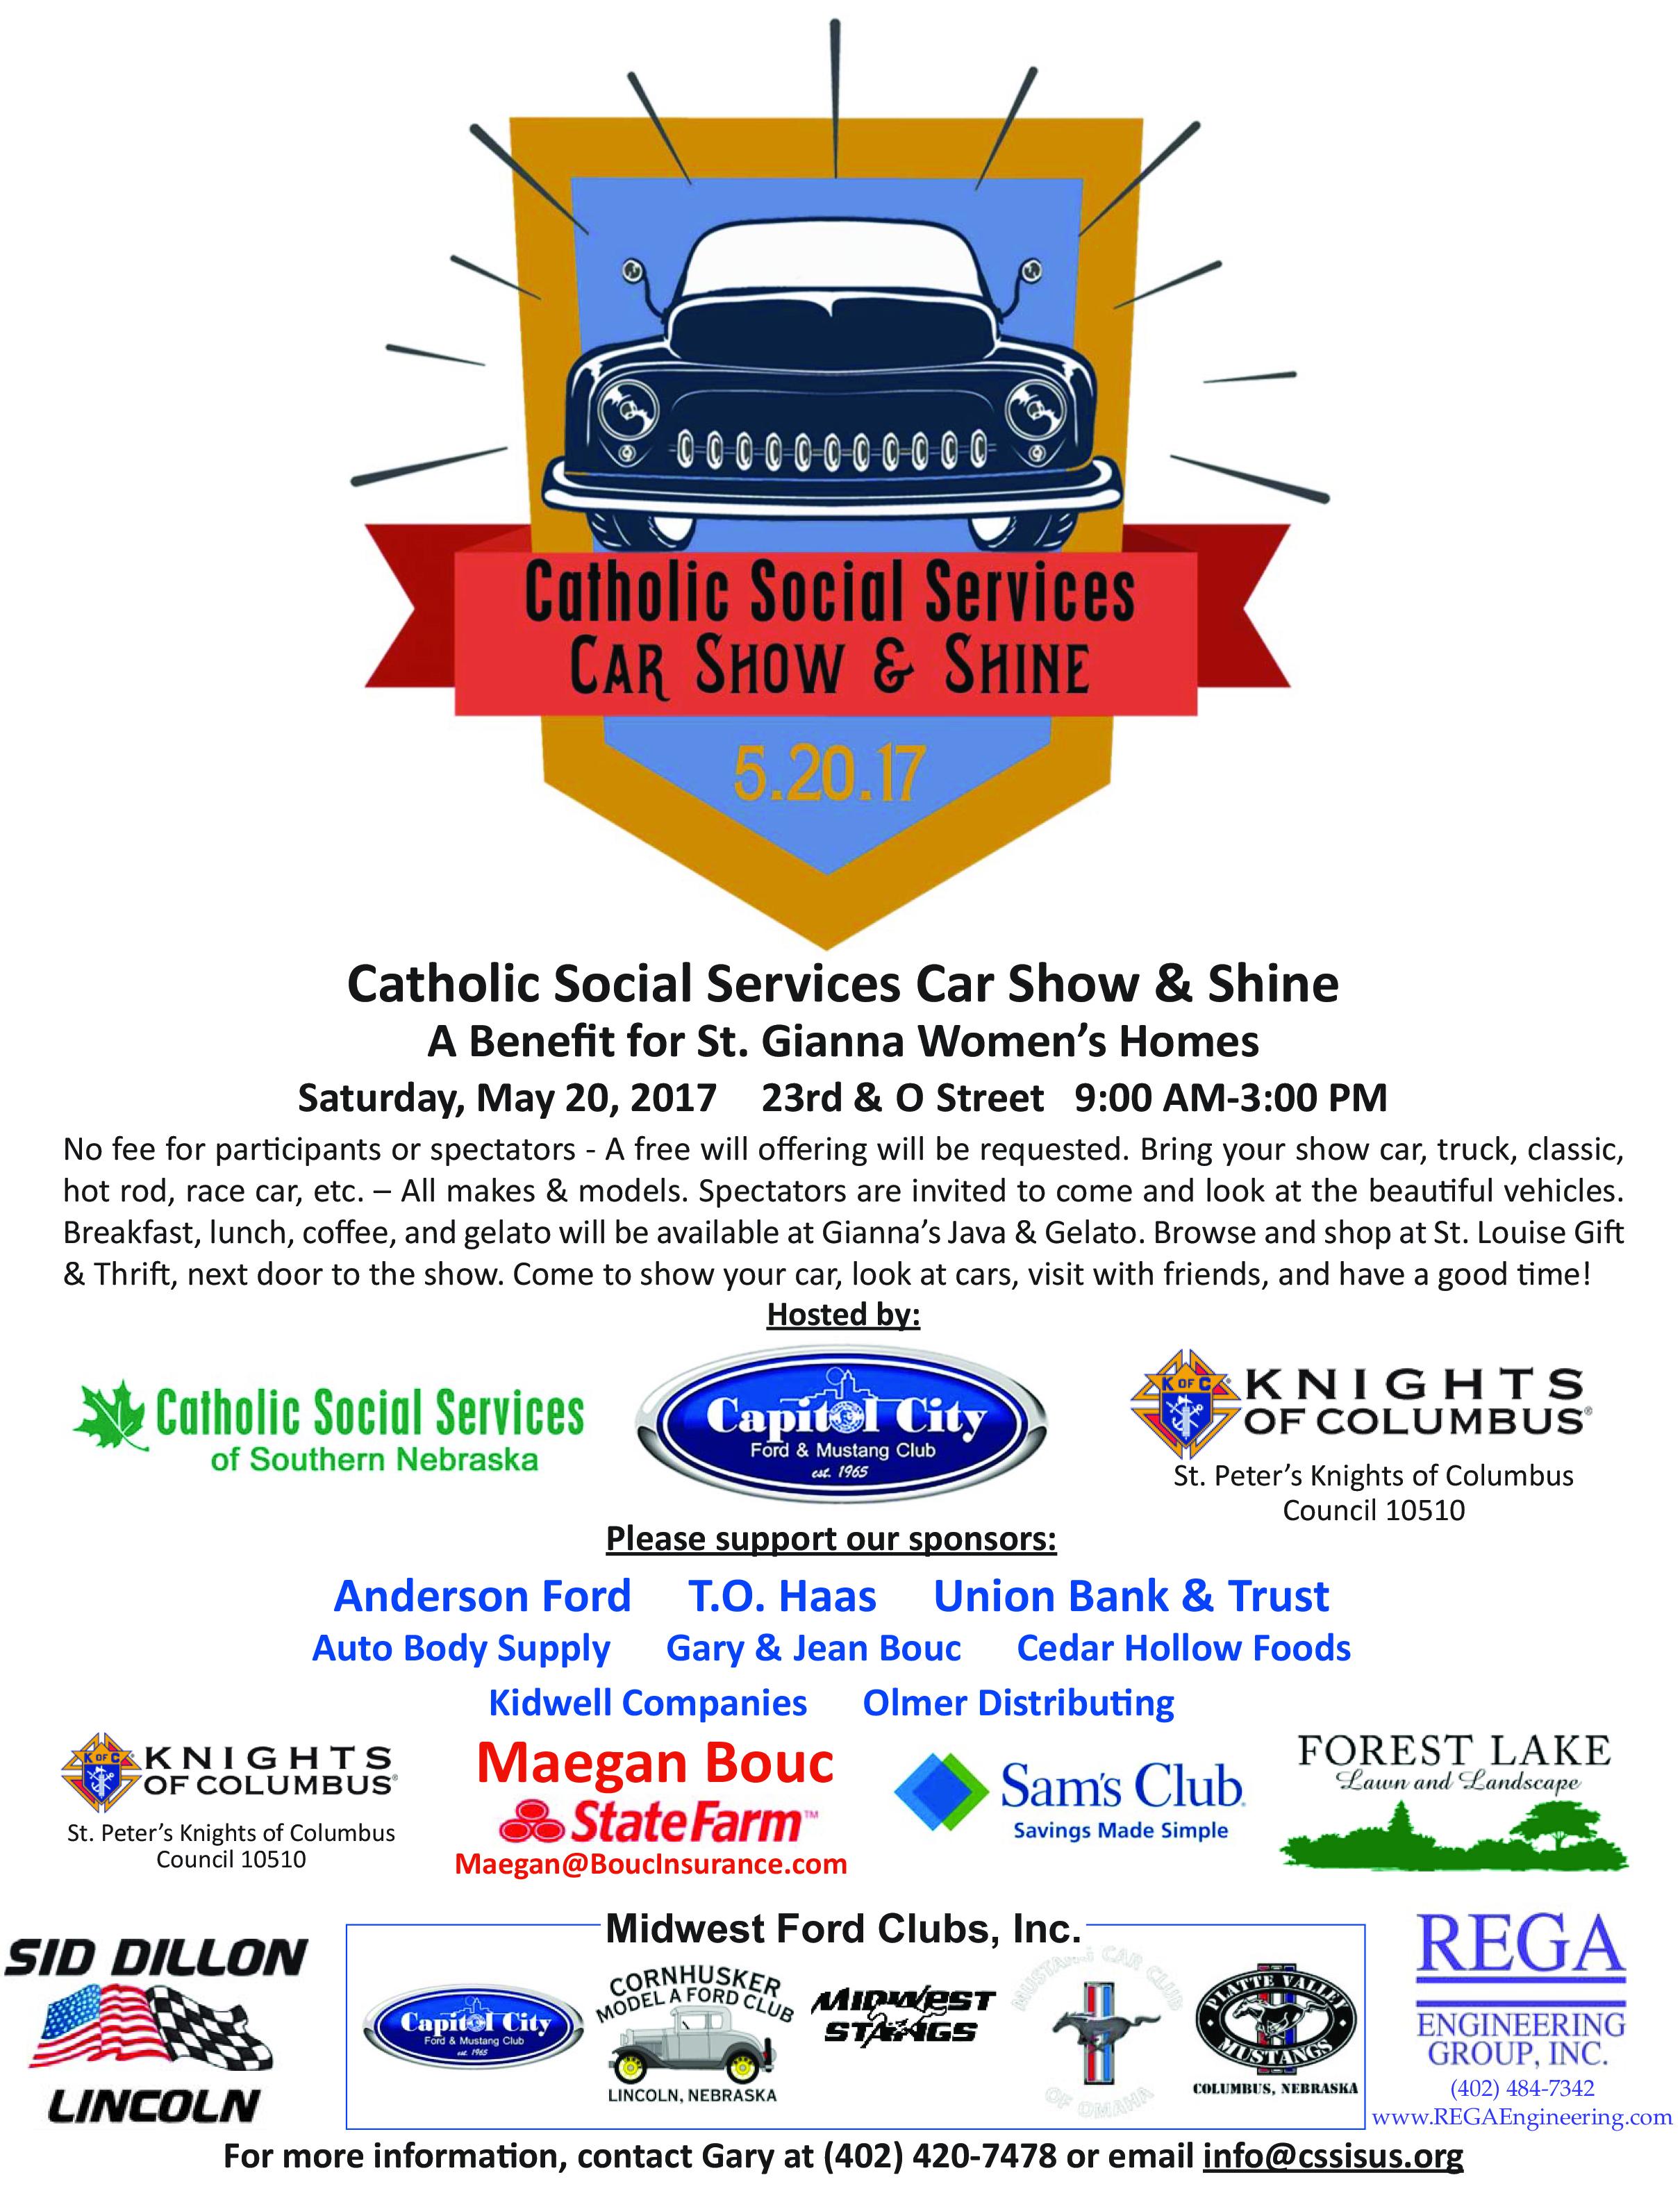 Catholic Social Services Car Show & Shine